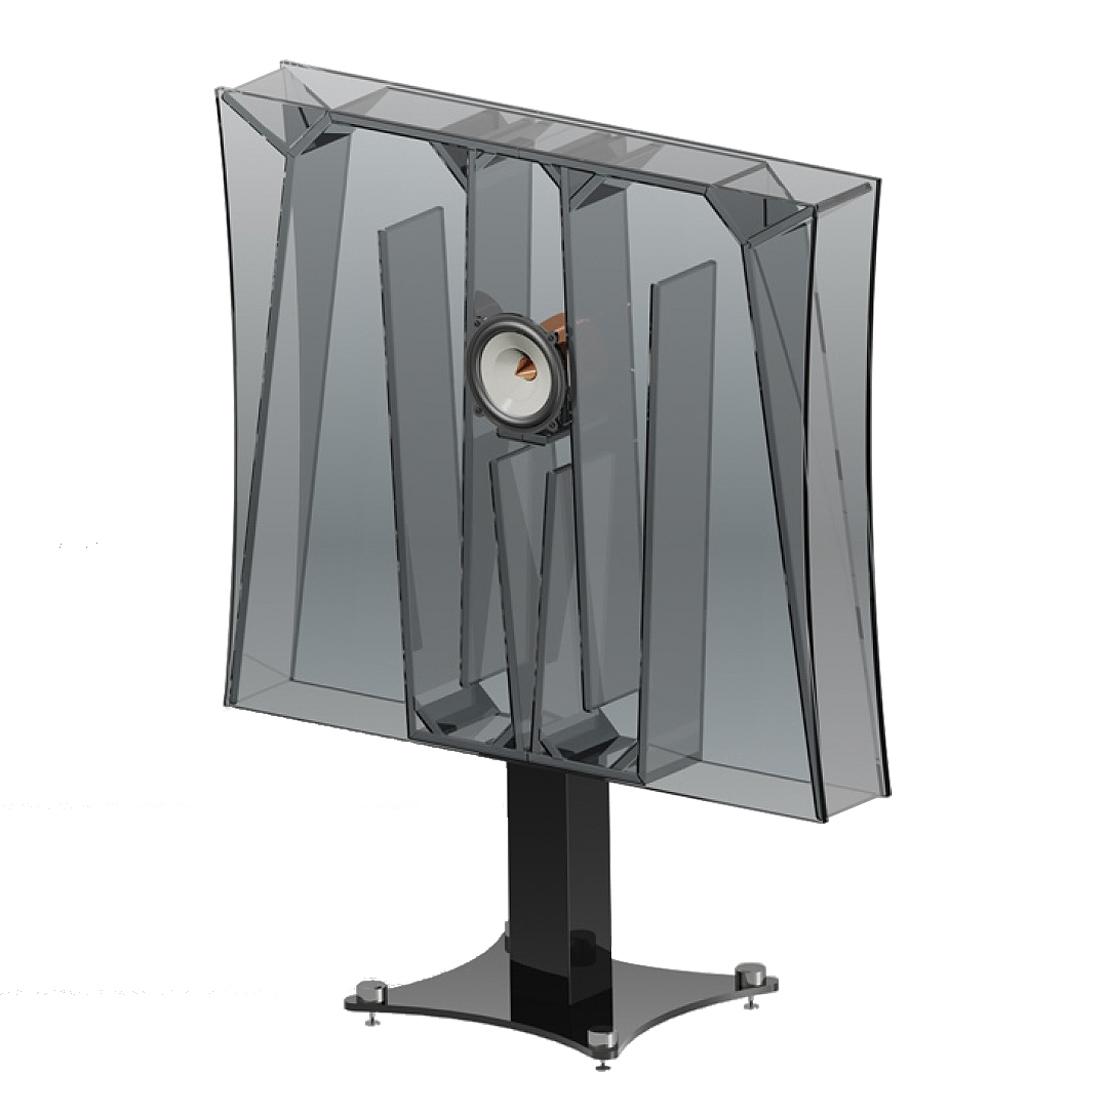 一个ingenius折叠号角以爆炸性的动态将音乐发射到房间。 - 整体47英寸(120厘米)的机柜宽度可实现非凡的低音响应,而中高频率则可以再现如丝般光滑,透明,开放和细节丰富。